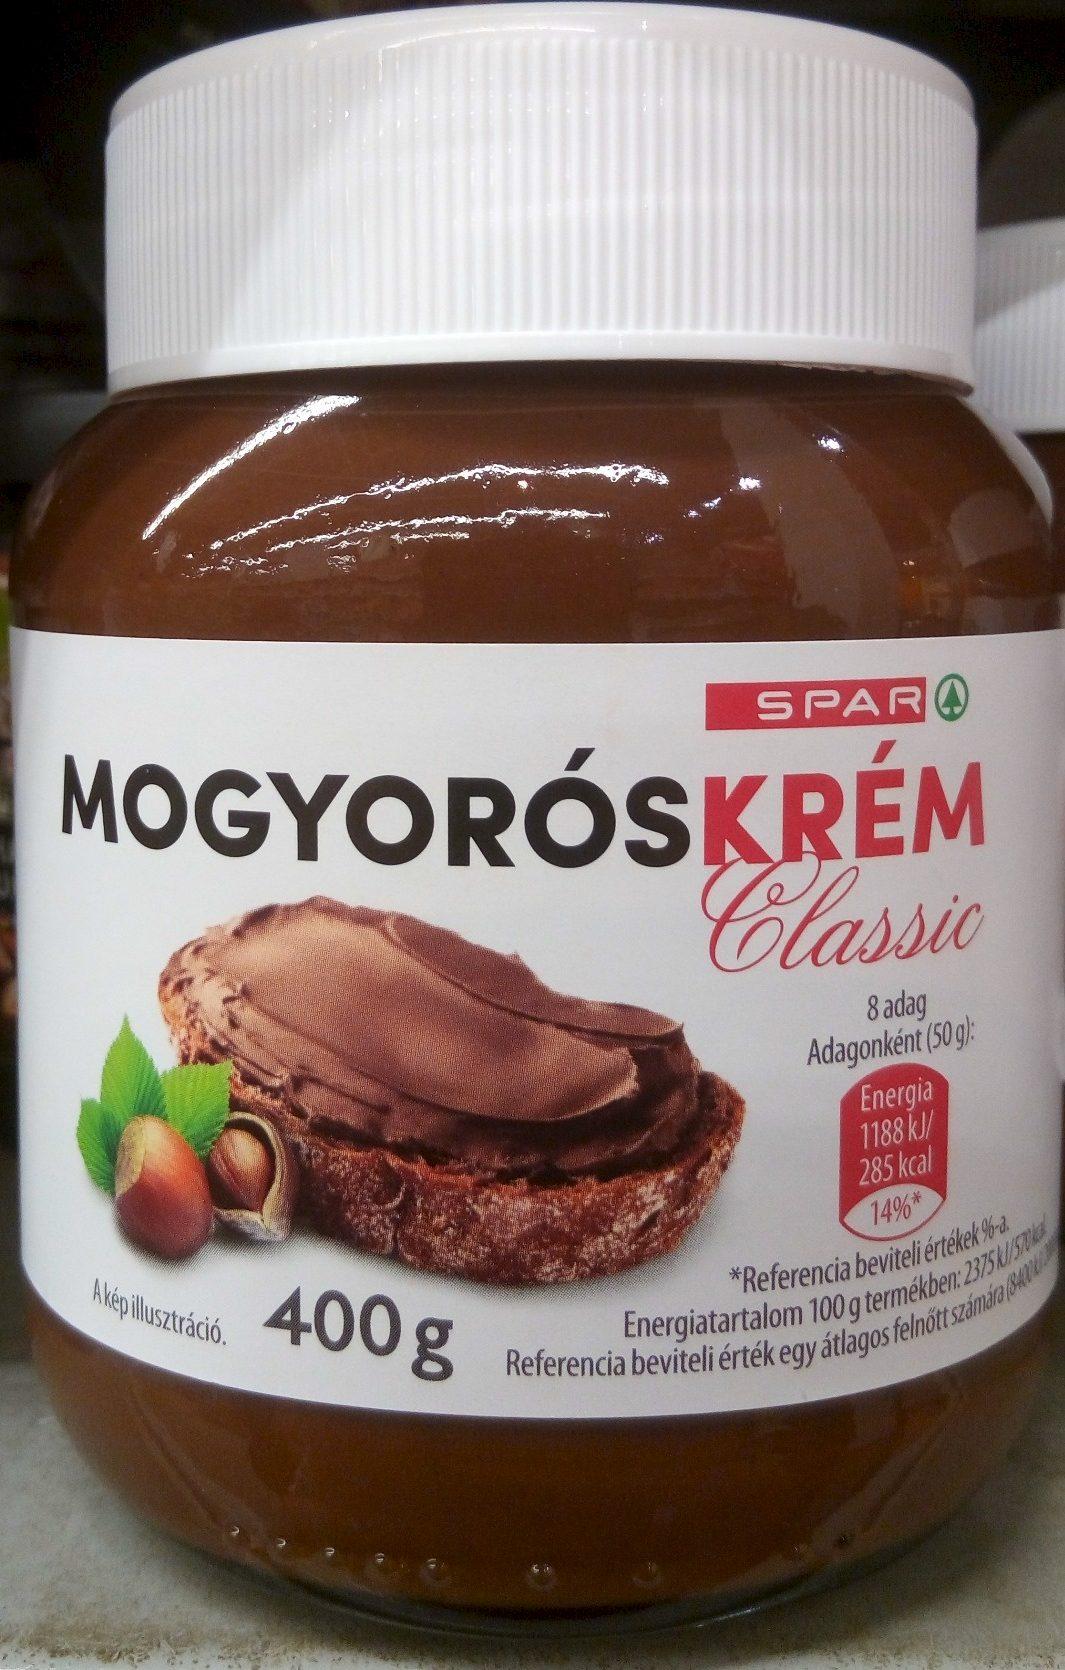 Mogyorós krém Classic - Produit